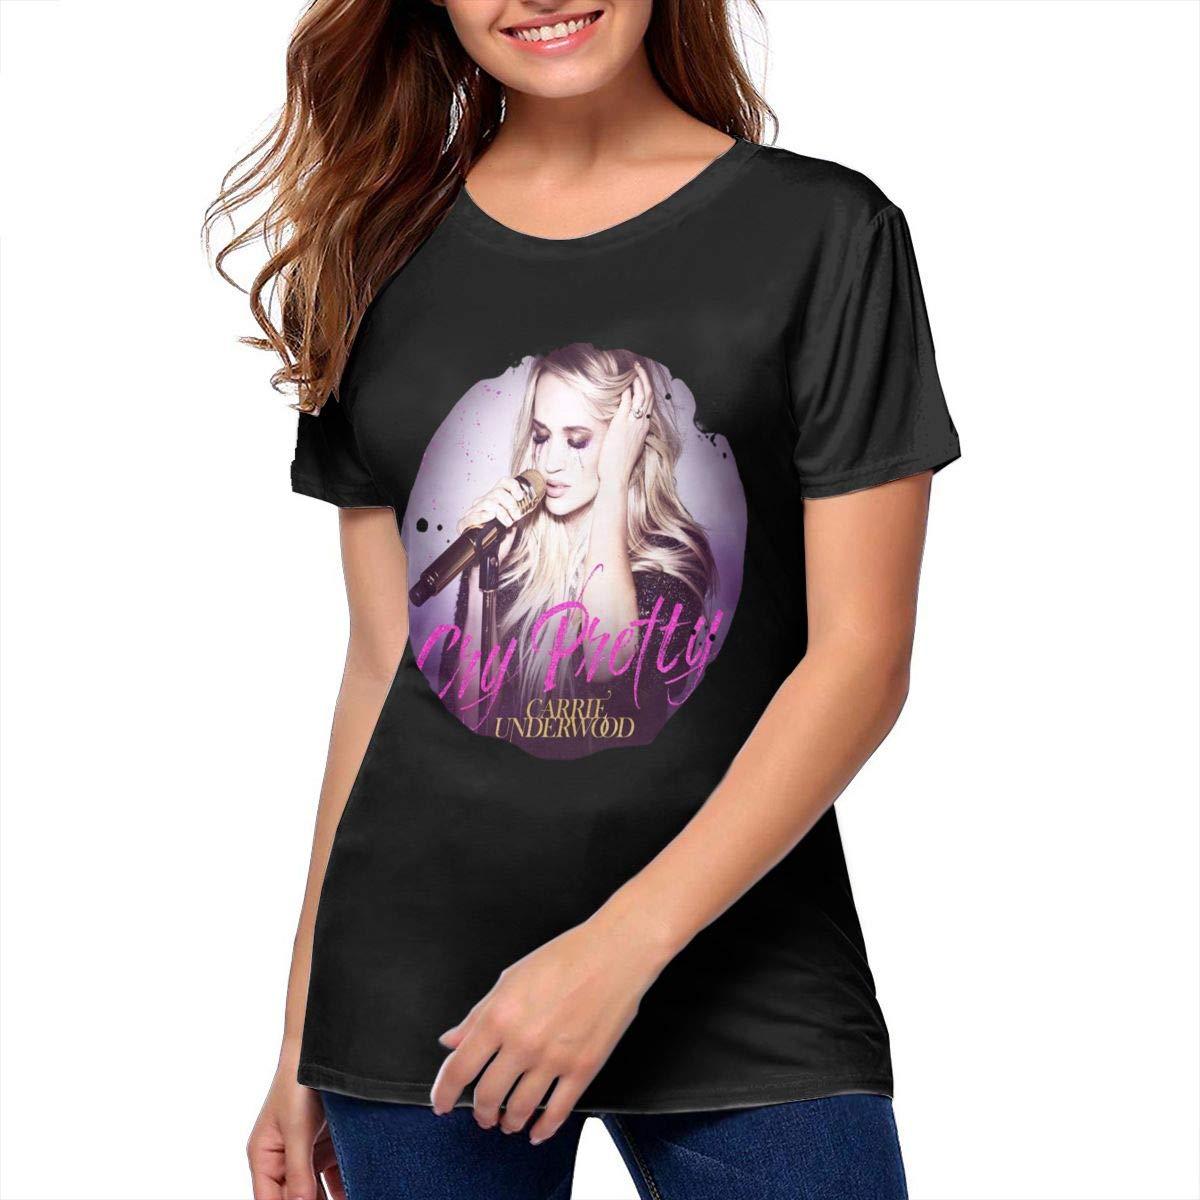 7a9b8d93 Good Band T Shirt Website - DREAMWORKS